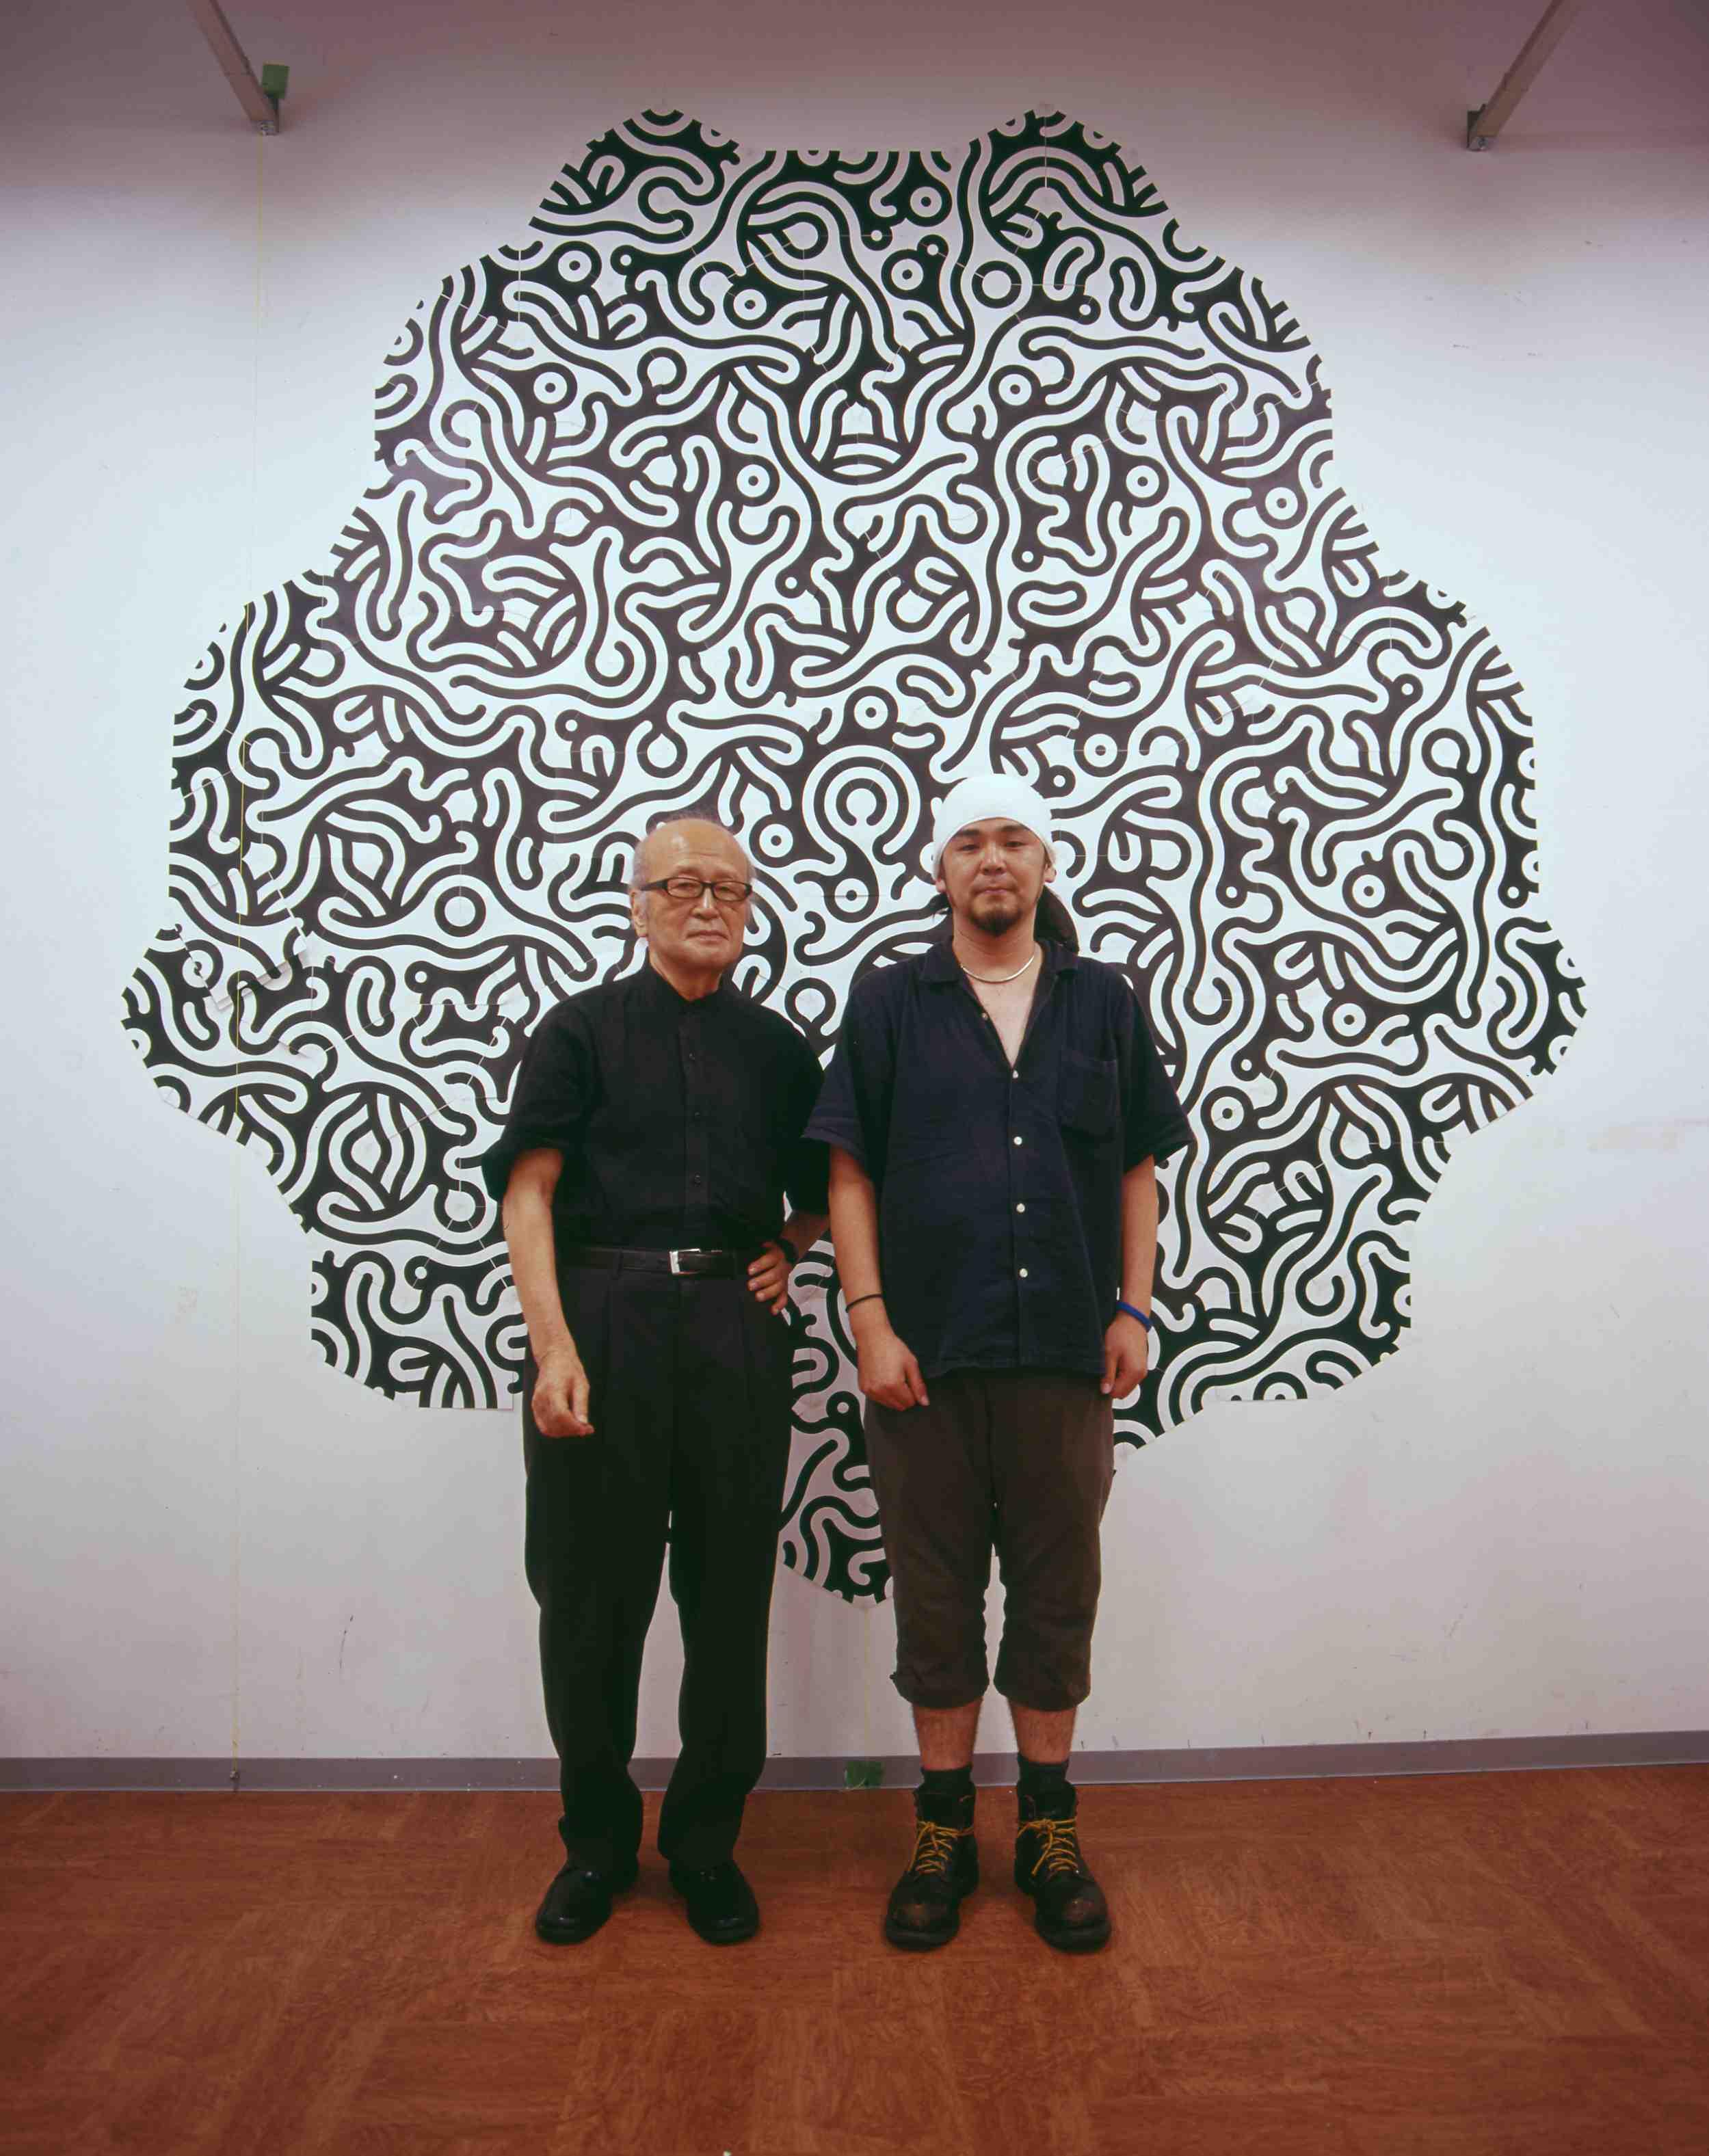 野老正昭さん(父)と(2006年)